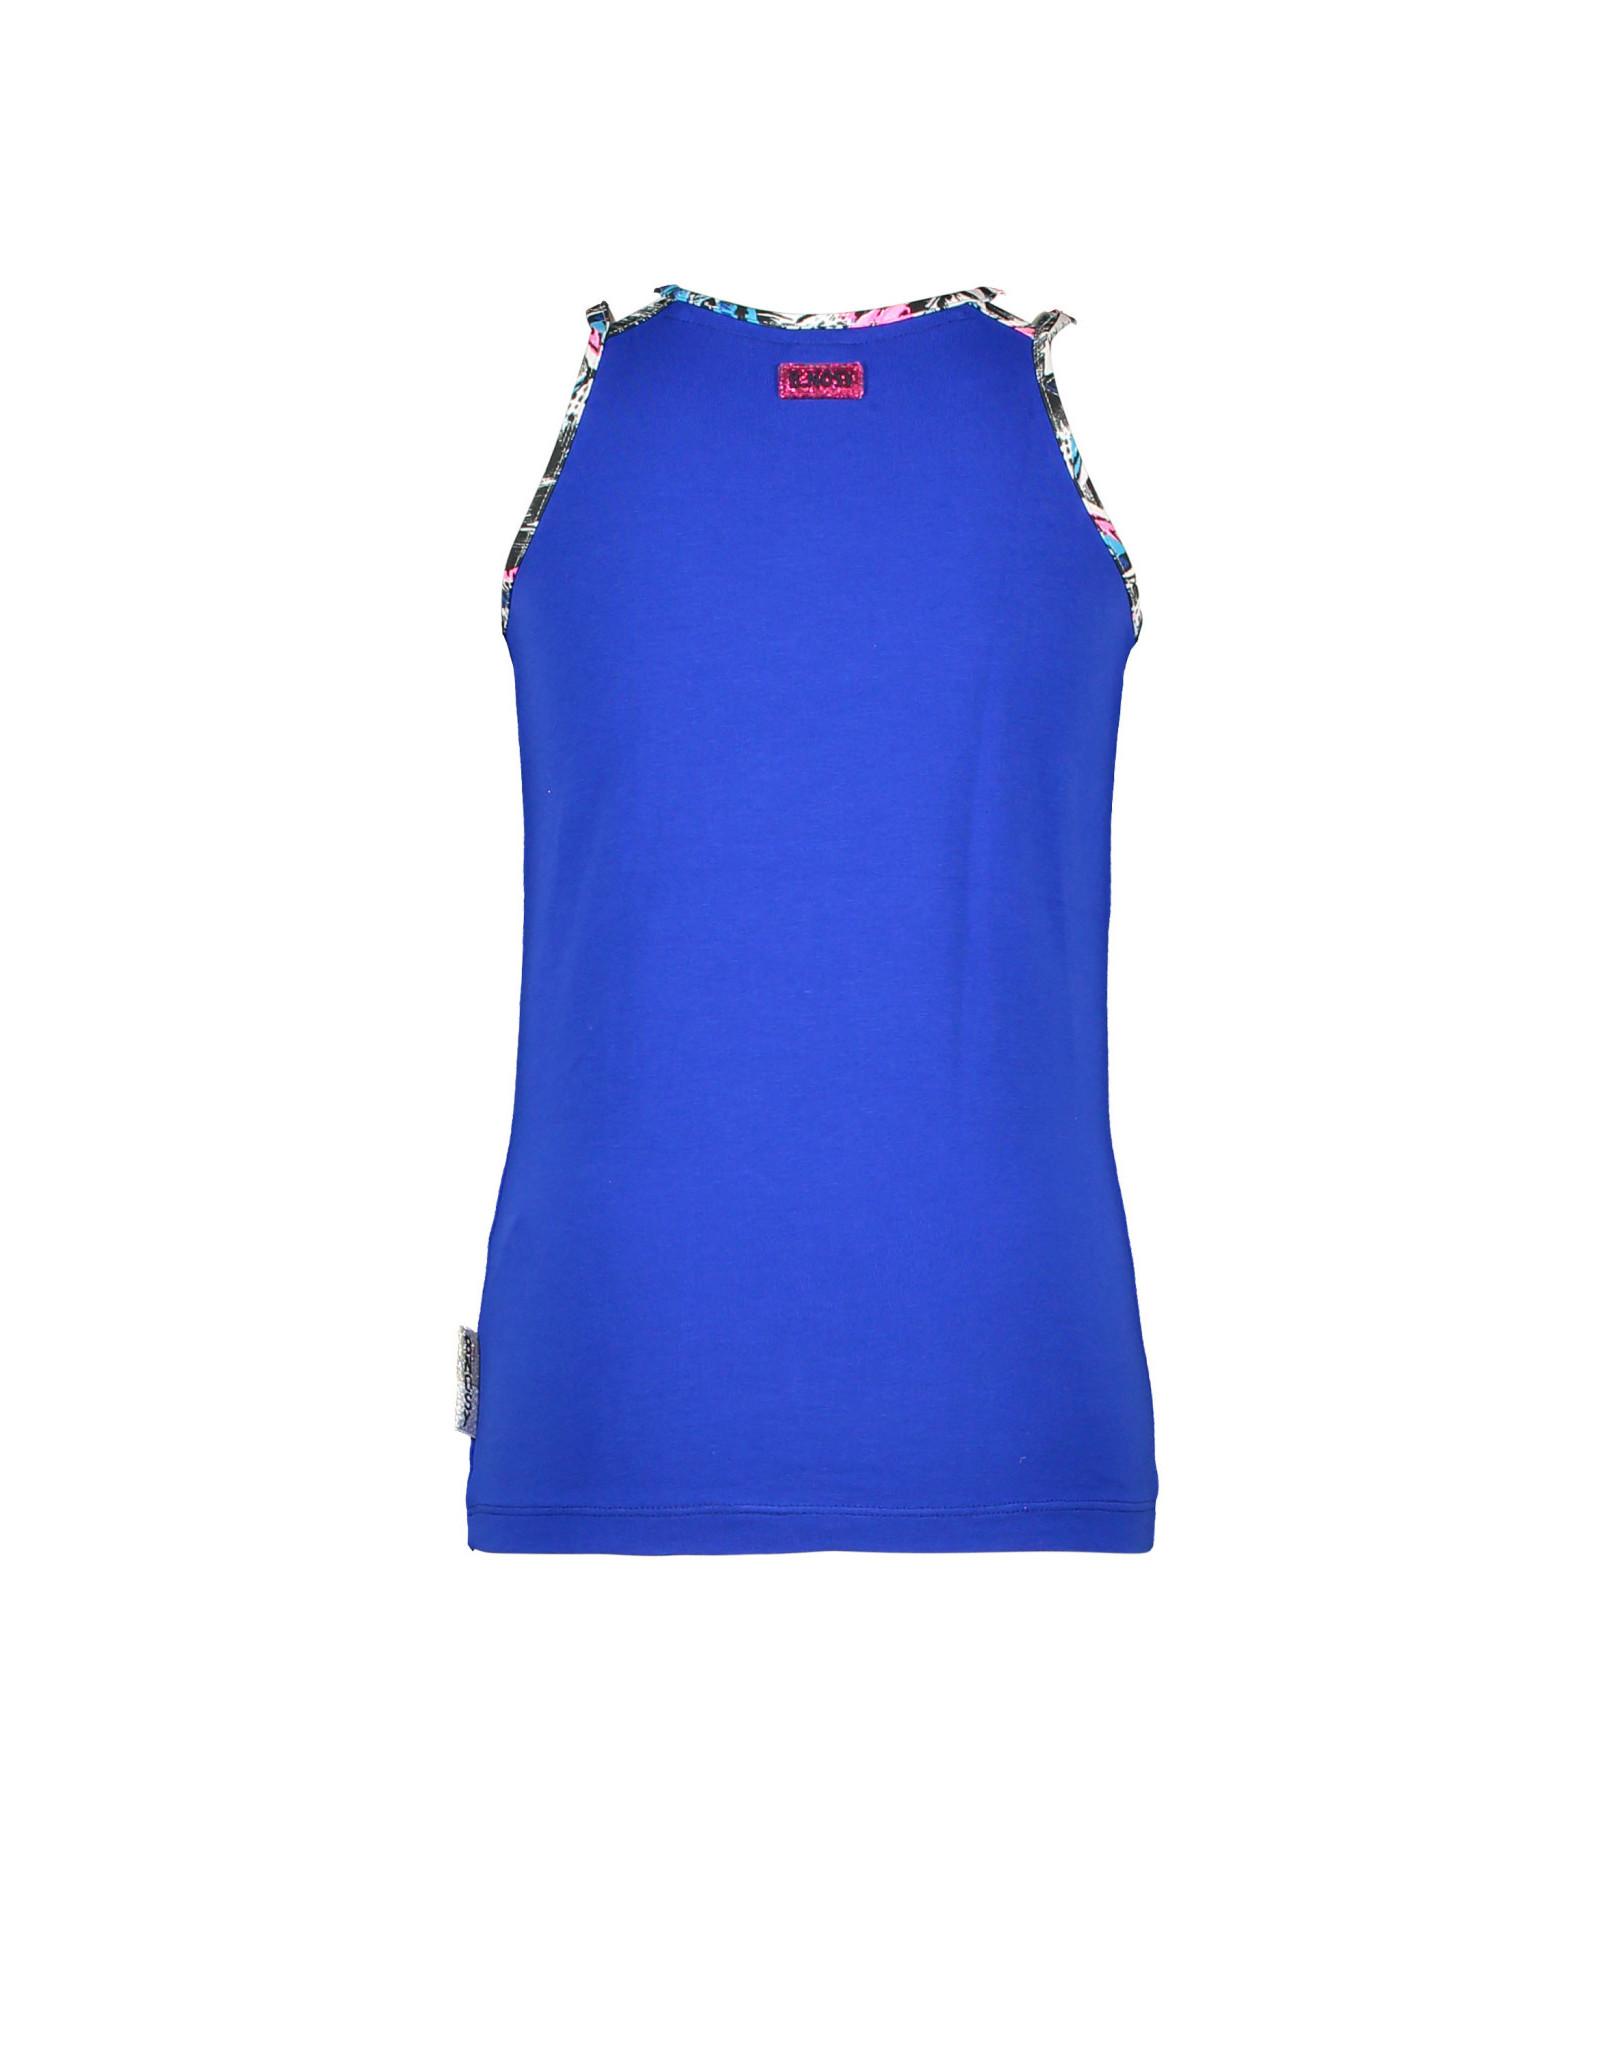 B.Nosy B.Nosy meisjes t-shirt Peacock Cobalt Blue